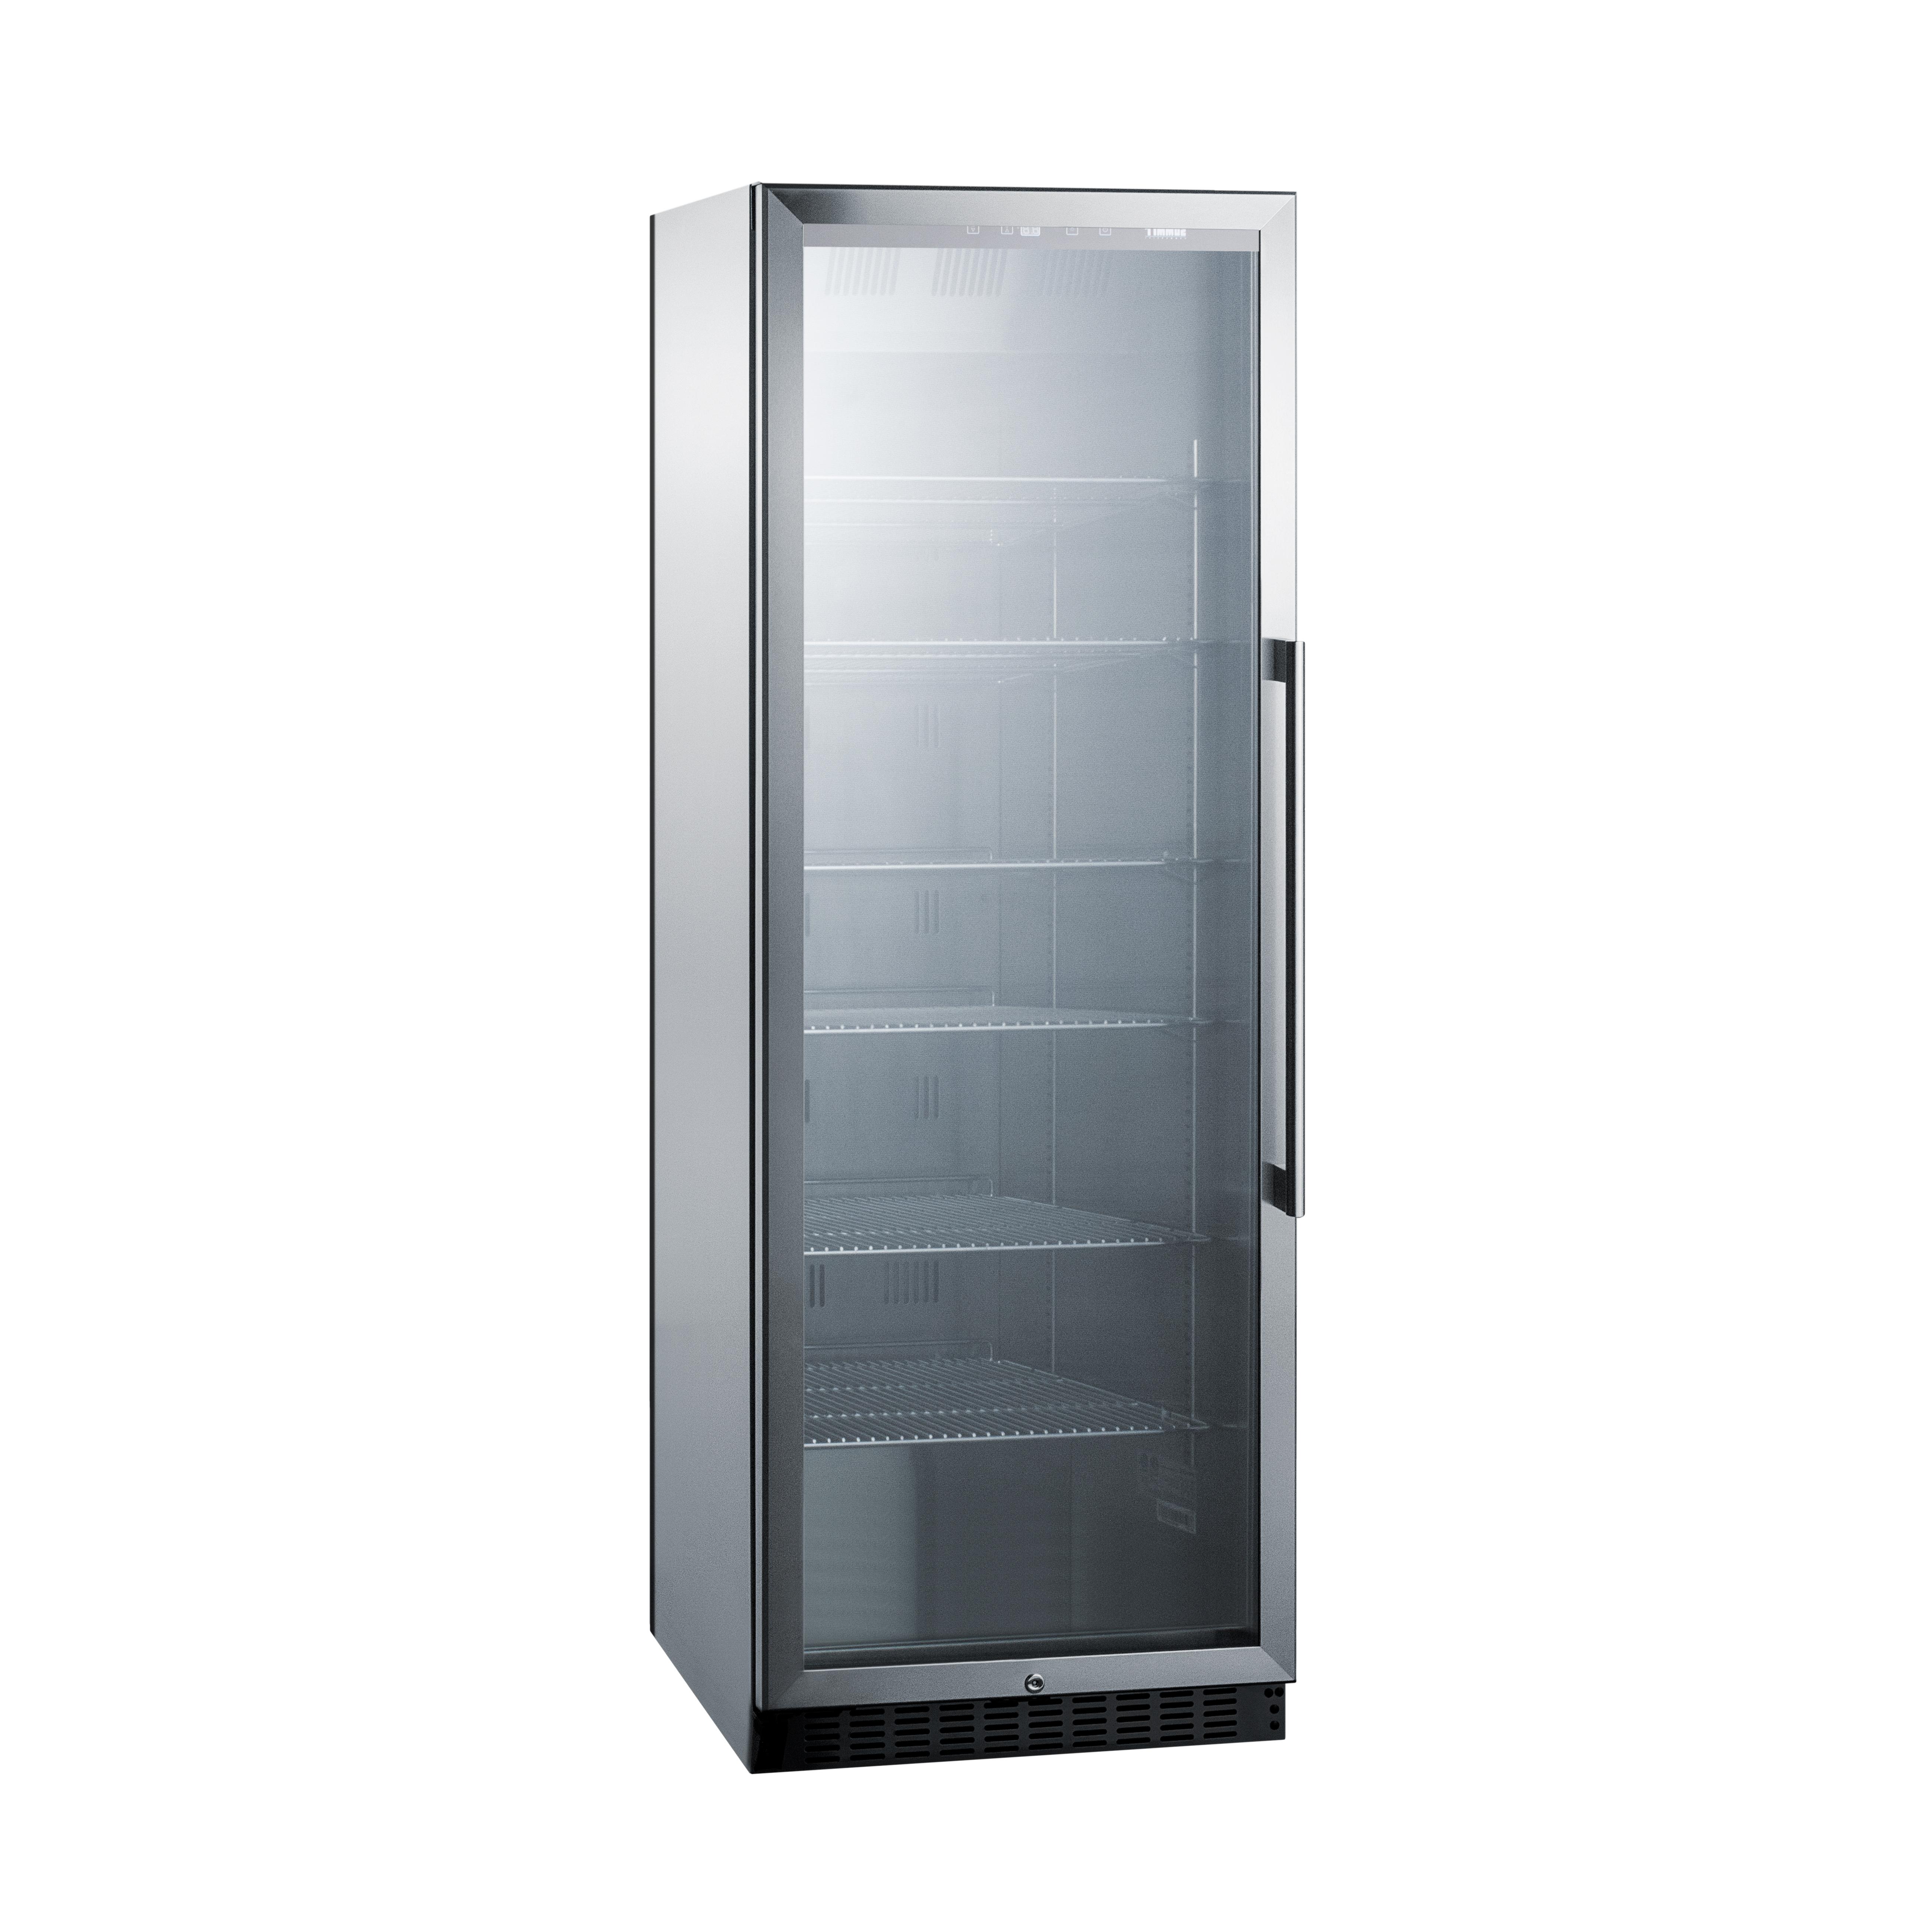 Summit Appliance SCR1401LHCSS refrigerator, merchandiser